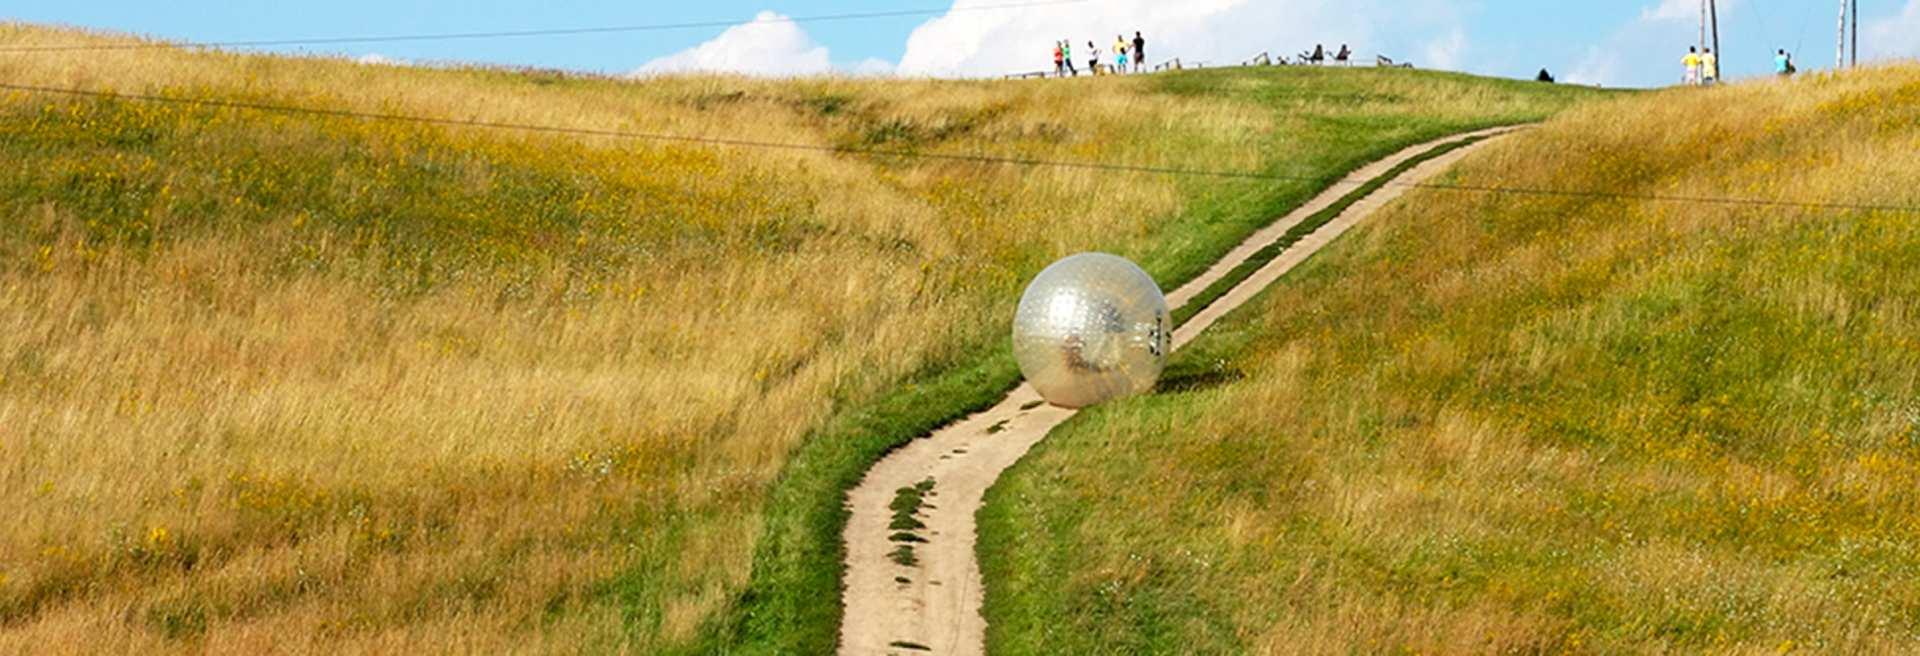 【濟州島新體驗】巨型泡泡太空球